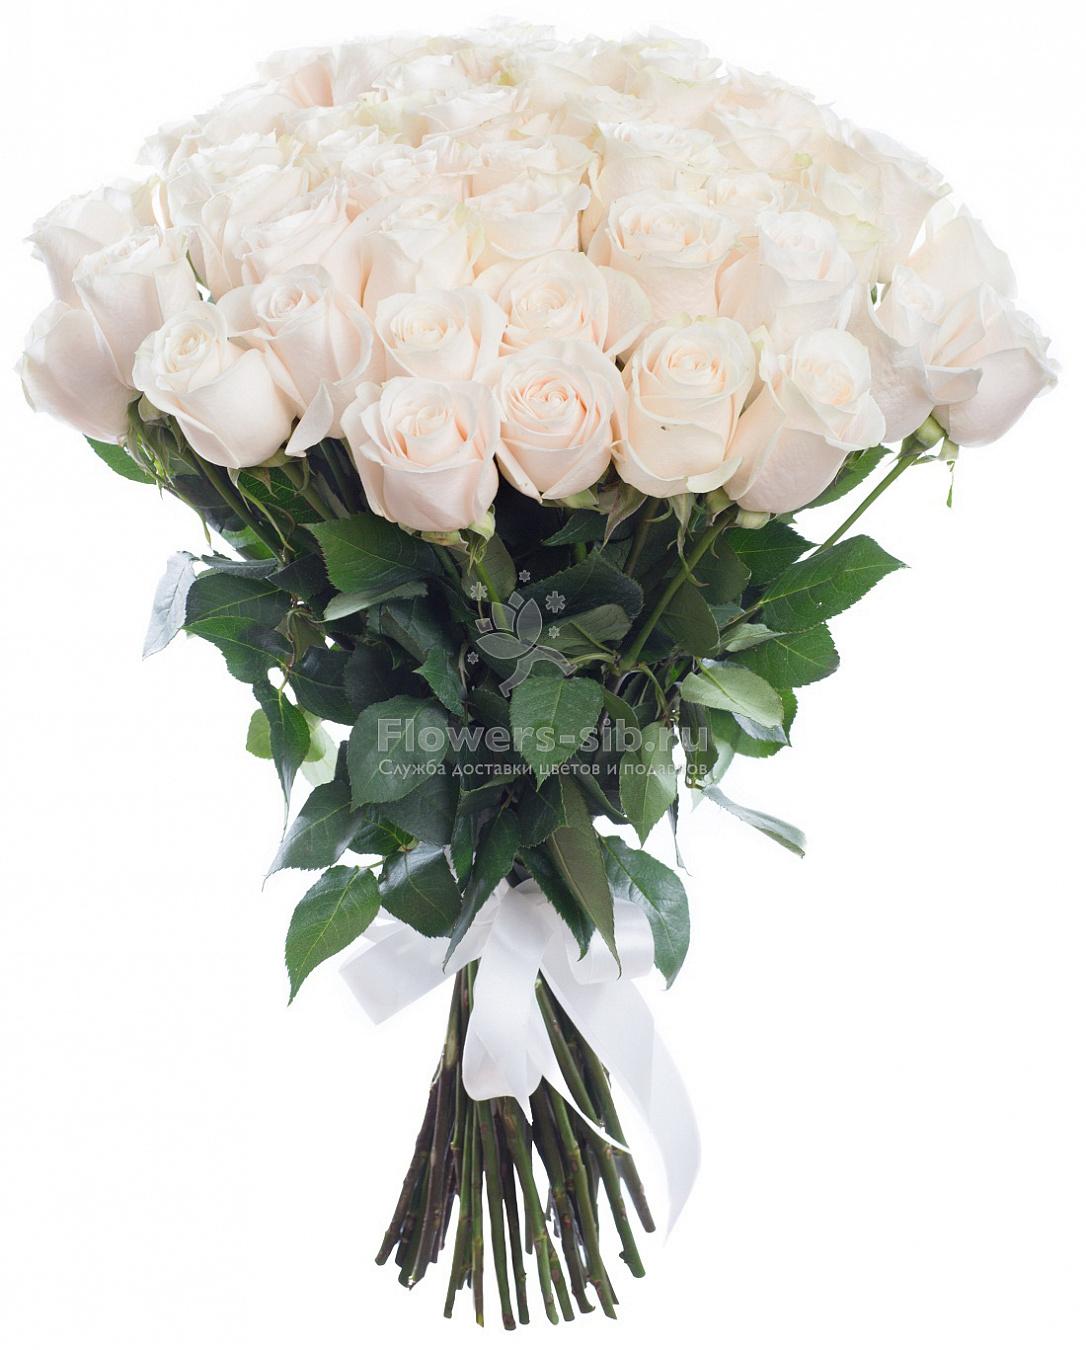 Где купить доставка цветов калининград цены букеты цветов